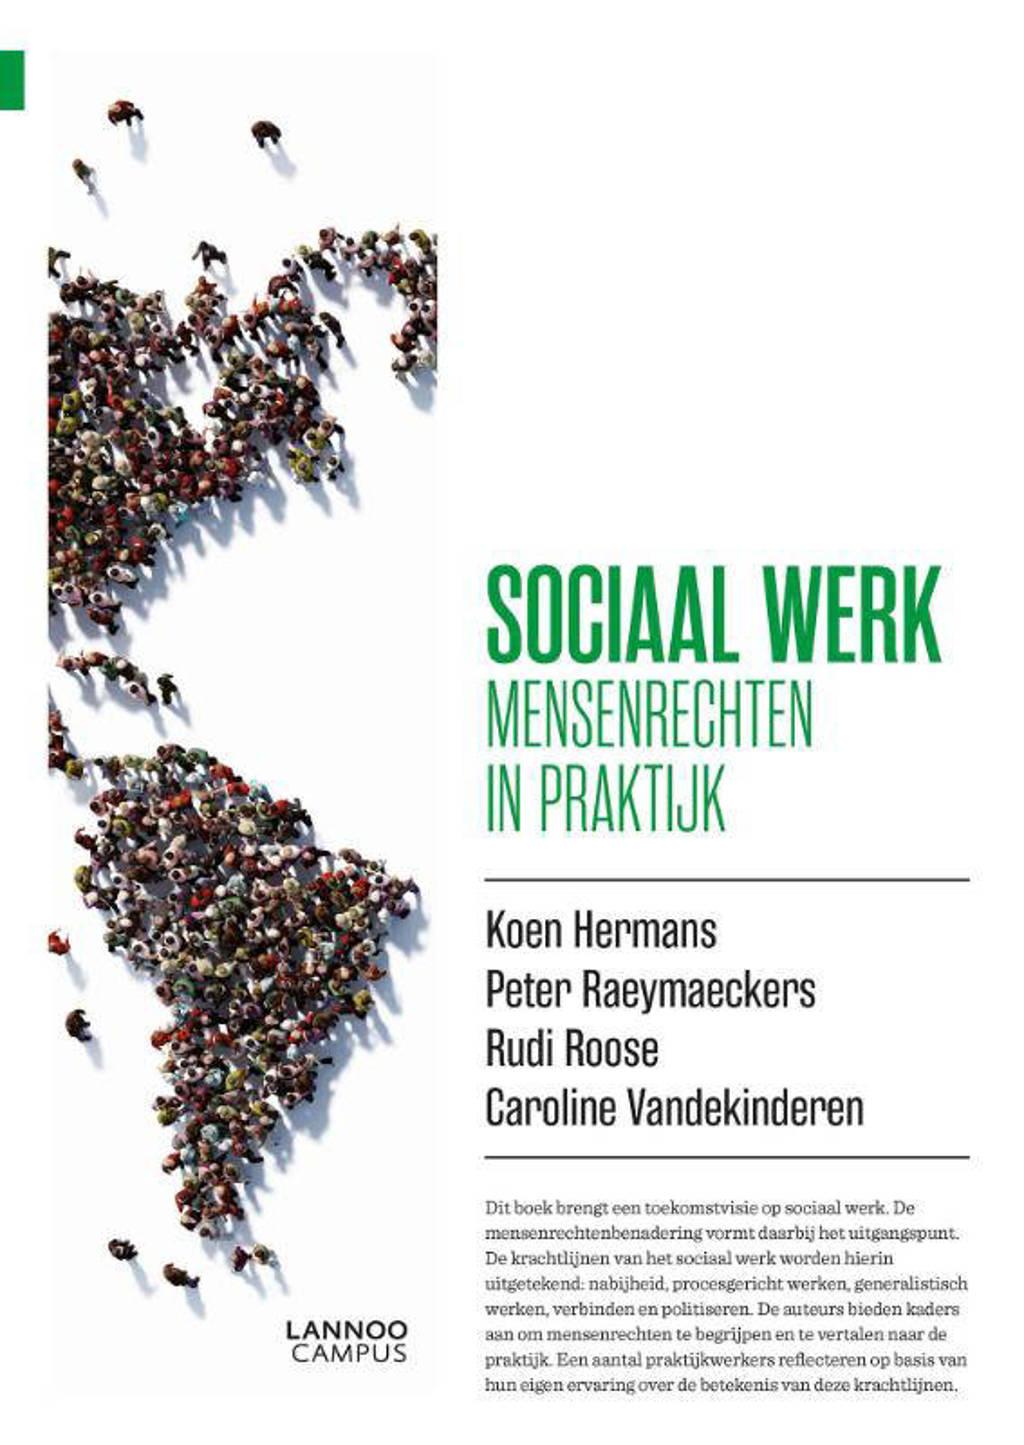 Sociaal werk - Koen Hermans, Peter Raeymaeckers, Rudi Roose, e.a.